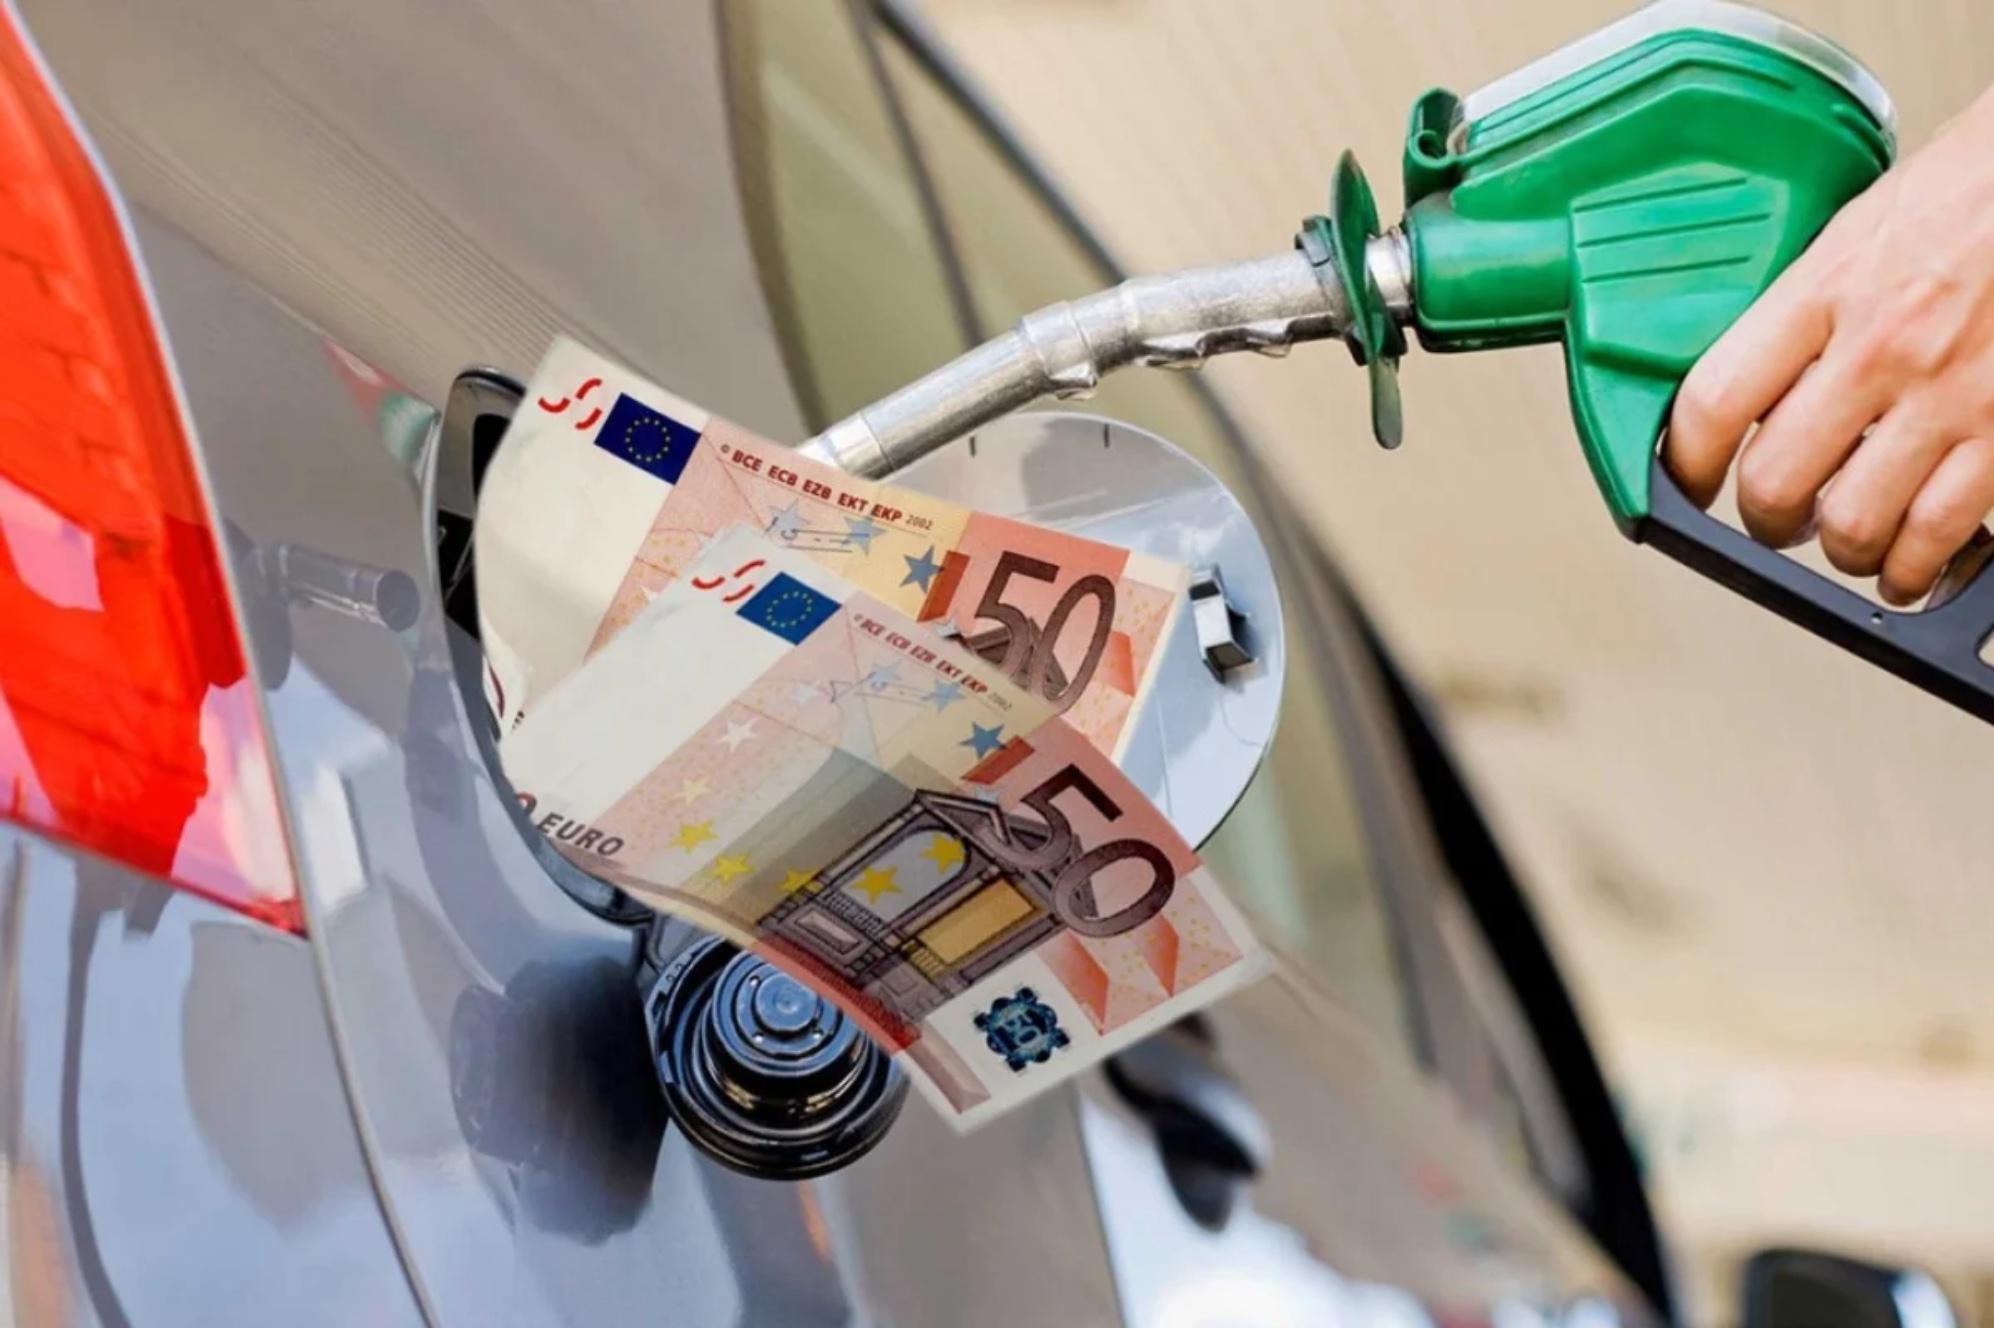 В России могут отменить транспортный налог за счет повышения акцизов на топливо